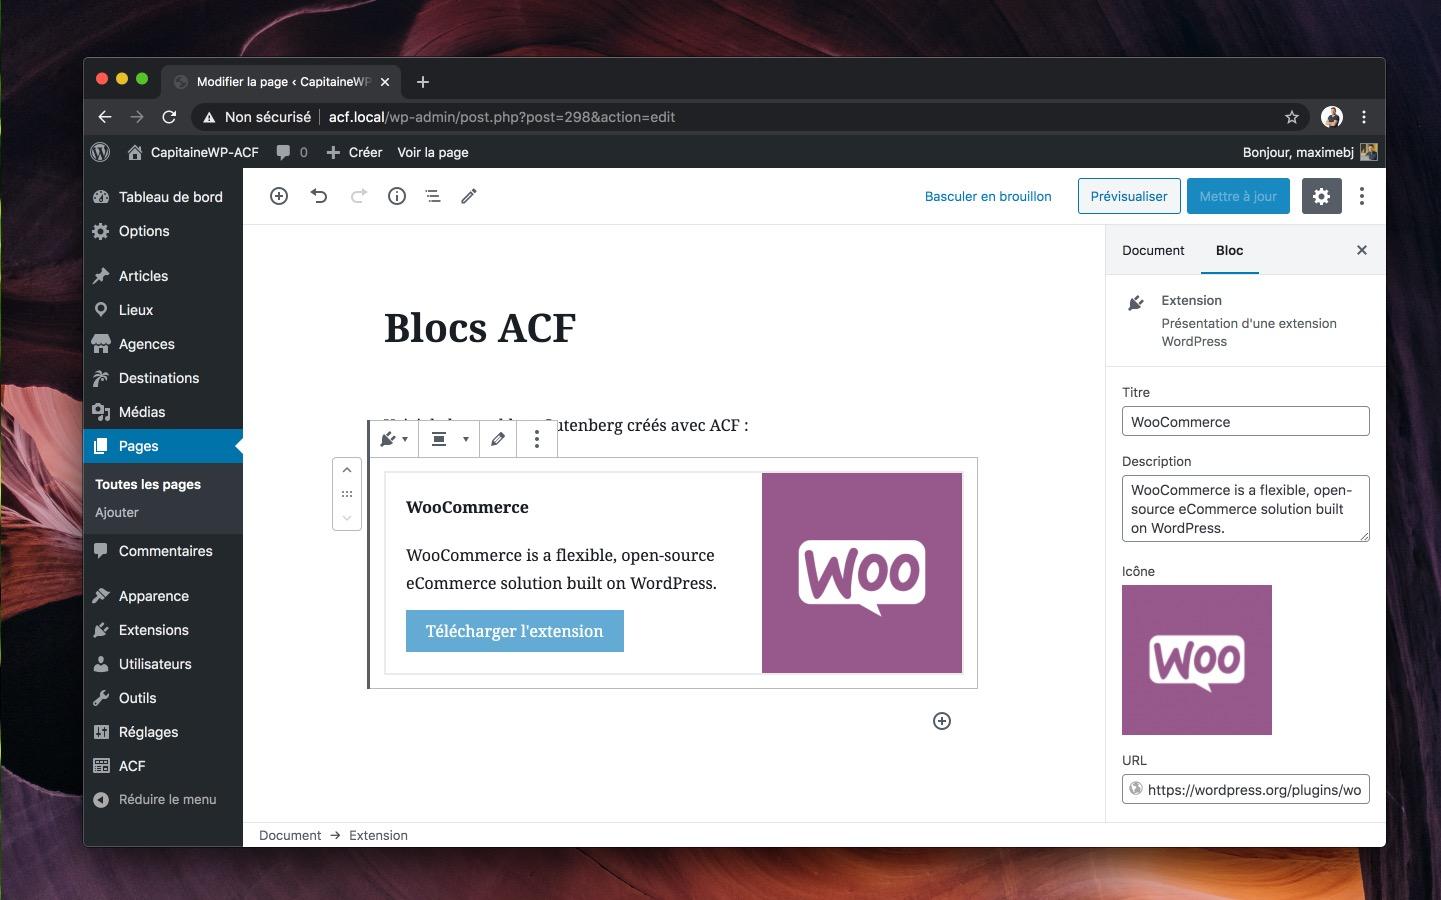 Le bloc apparaît dans l'éditeur, avec son aperçu à gauche et les champs ACF à droite